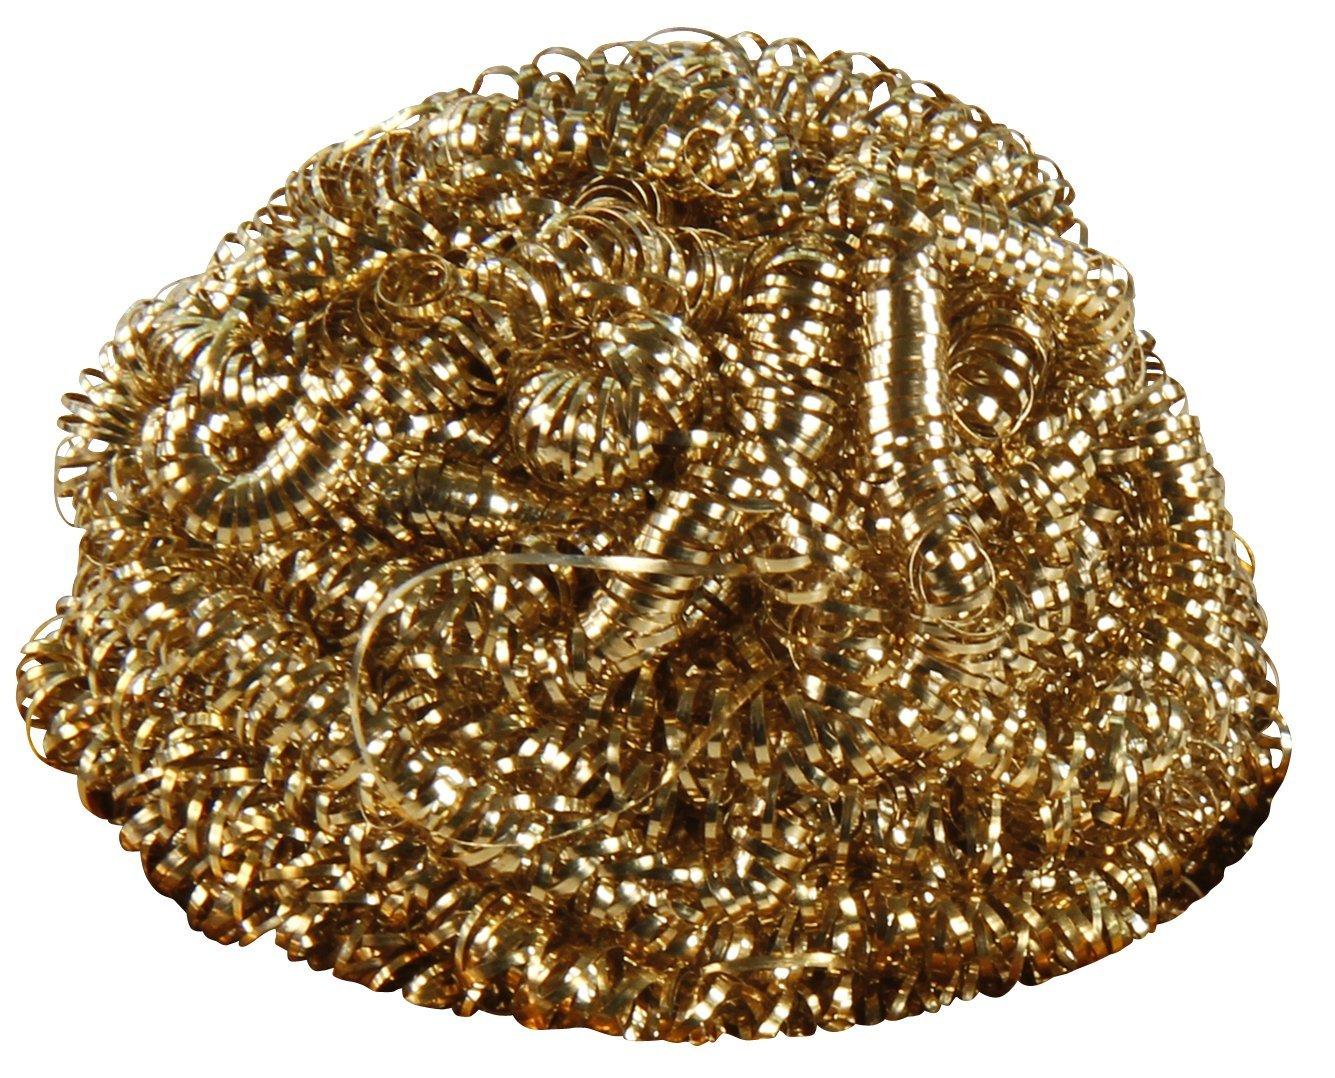 Nettoyage Coton McPower, nettoyage des pannes à souder nettoyage des pannes à souder 1540123